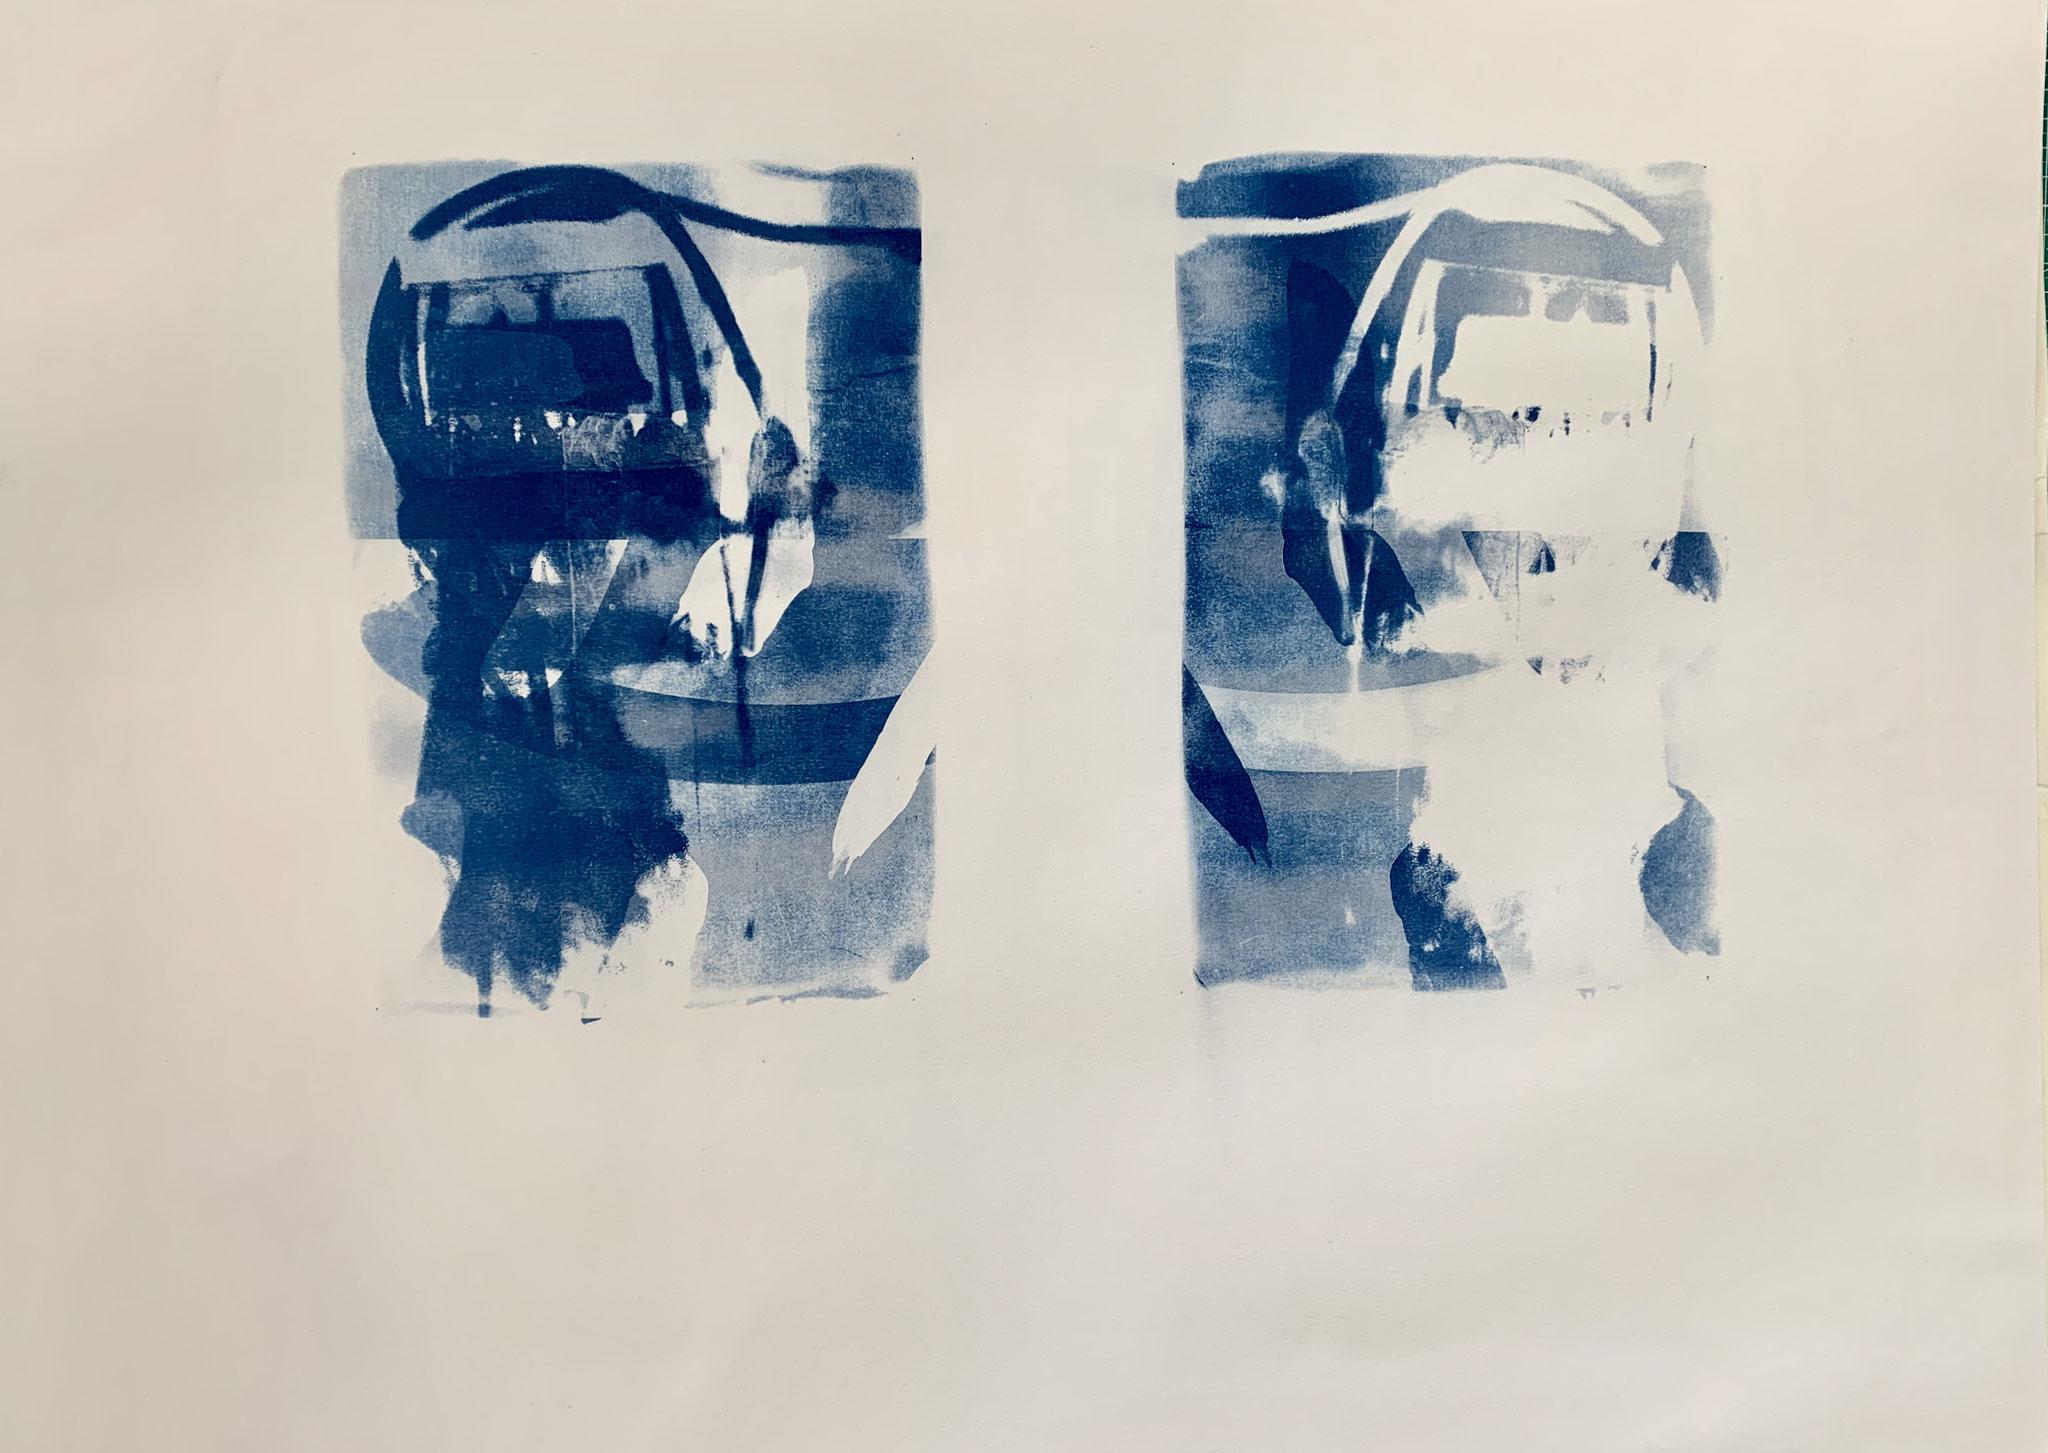 Kopfquallen, Cyanotypie, 50 x 70 cm,  2020